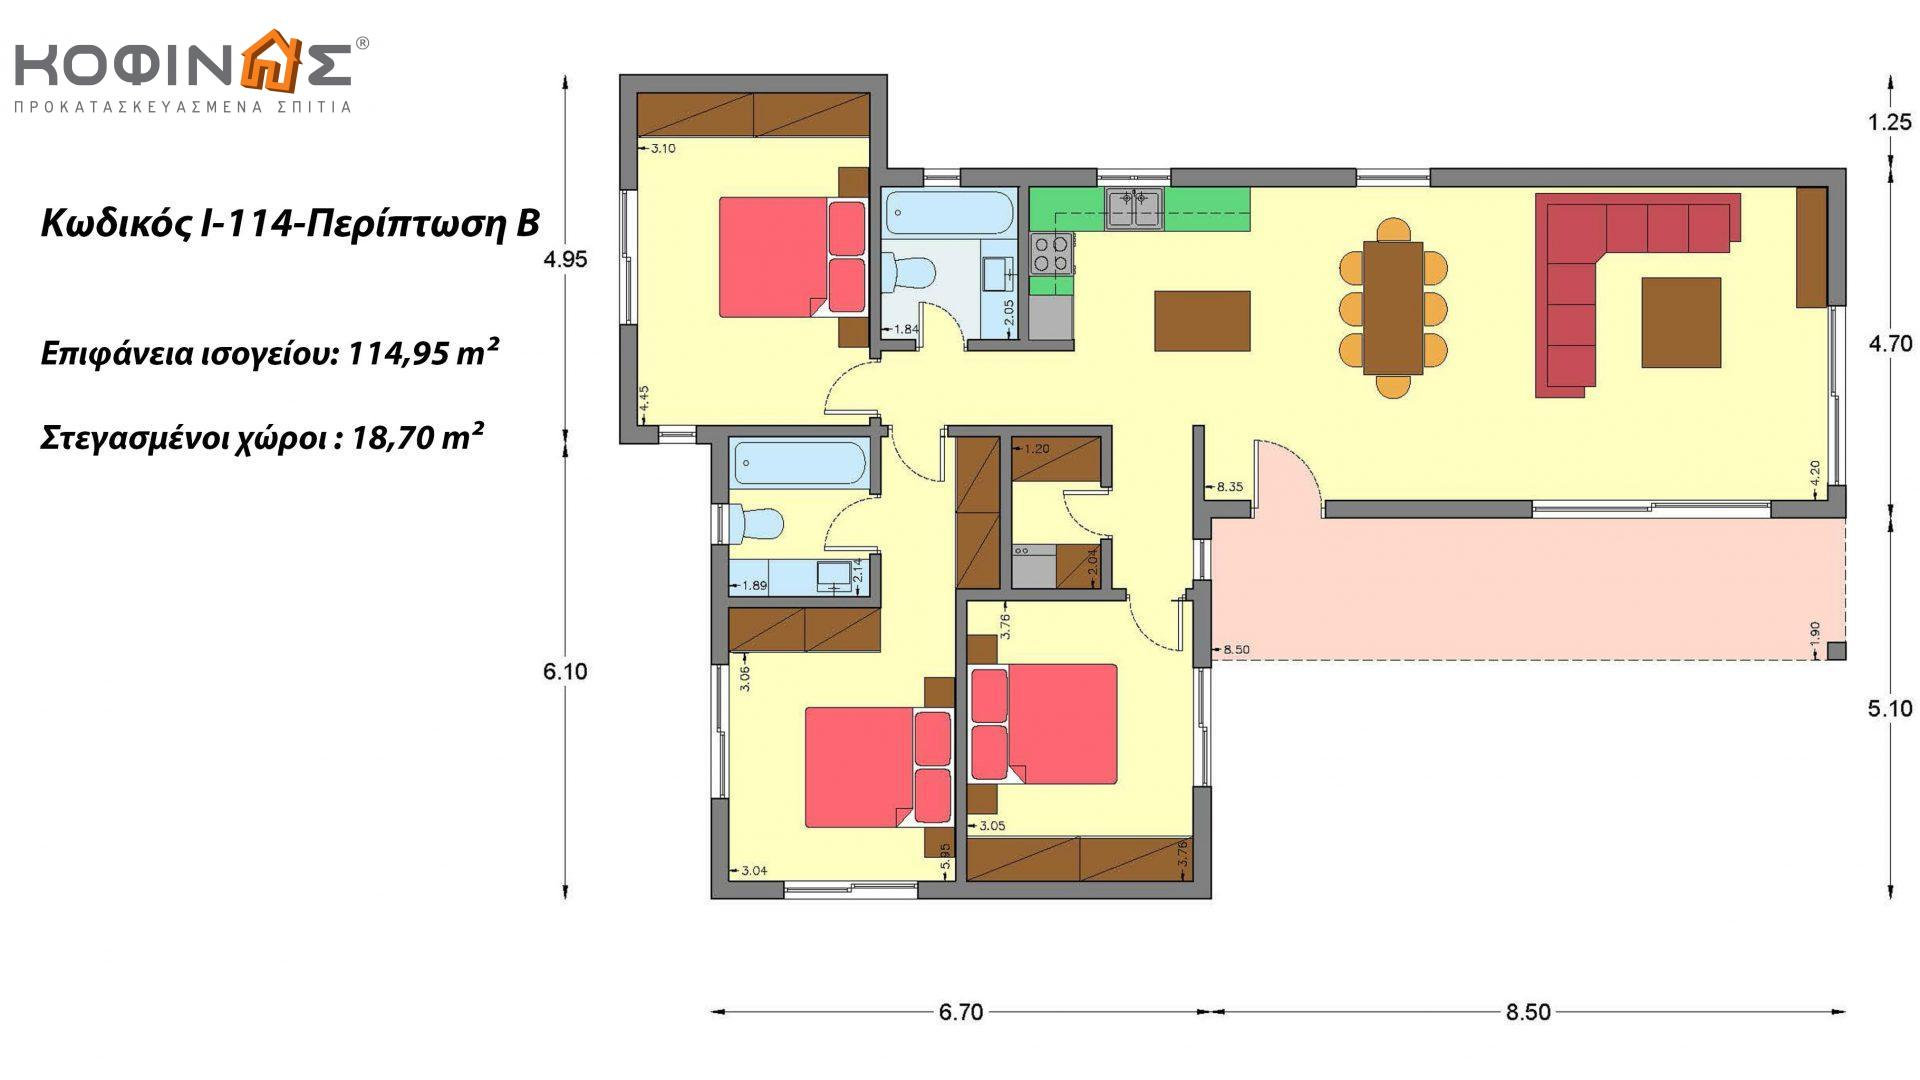 Ισόγεια Κατοικία I-114, συνολικής επιφάνειας 114,95 τ.μ., στεγασμένοι χώροι 18,70 τ.μ.